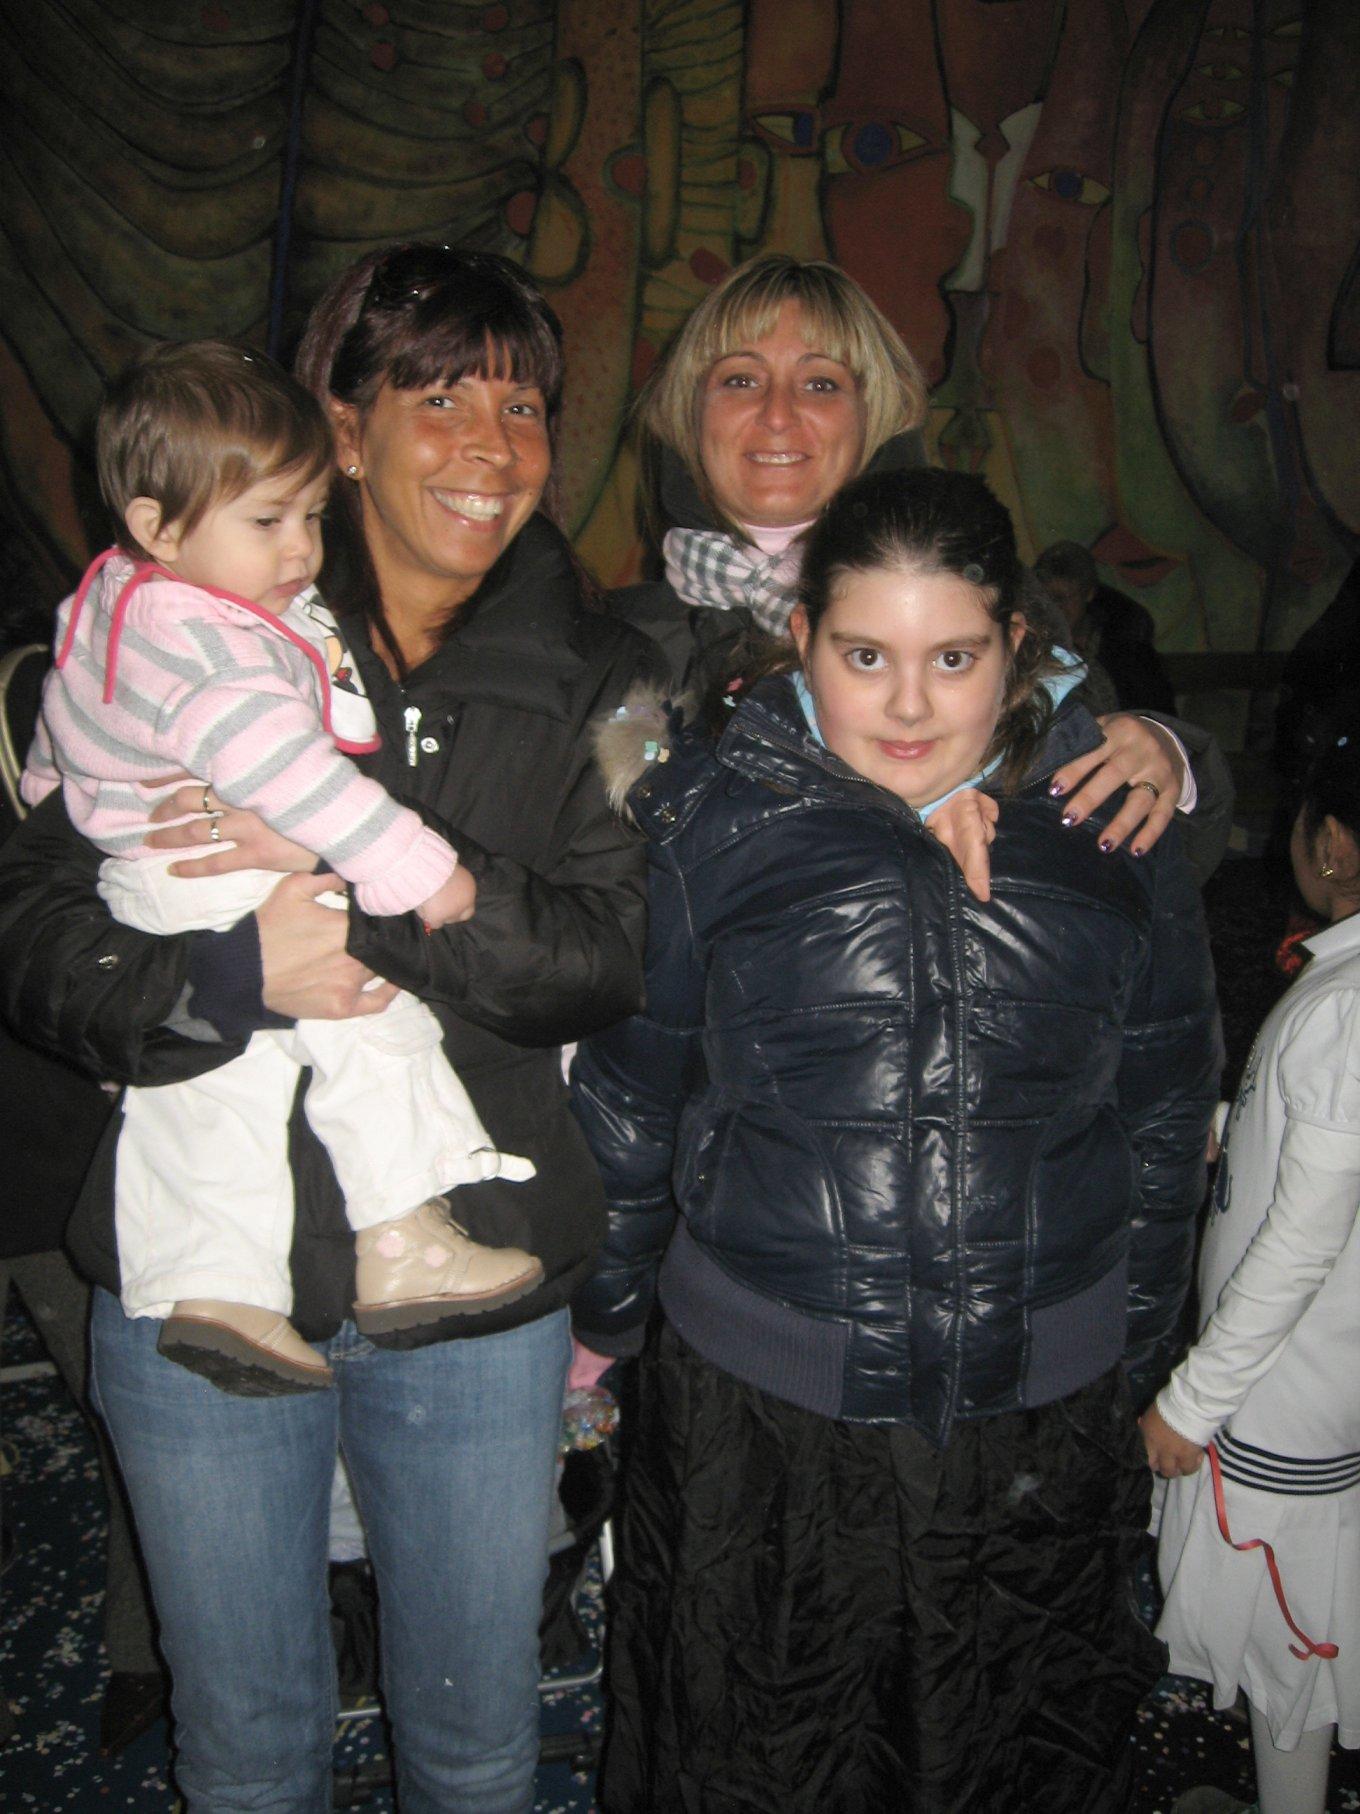 Pentolaccia-2009-02-22--16.51.03.jpg